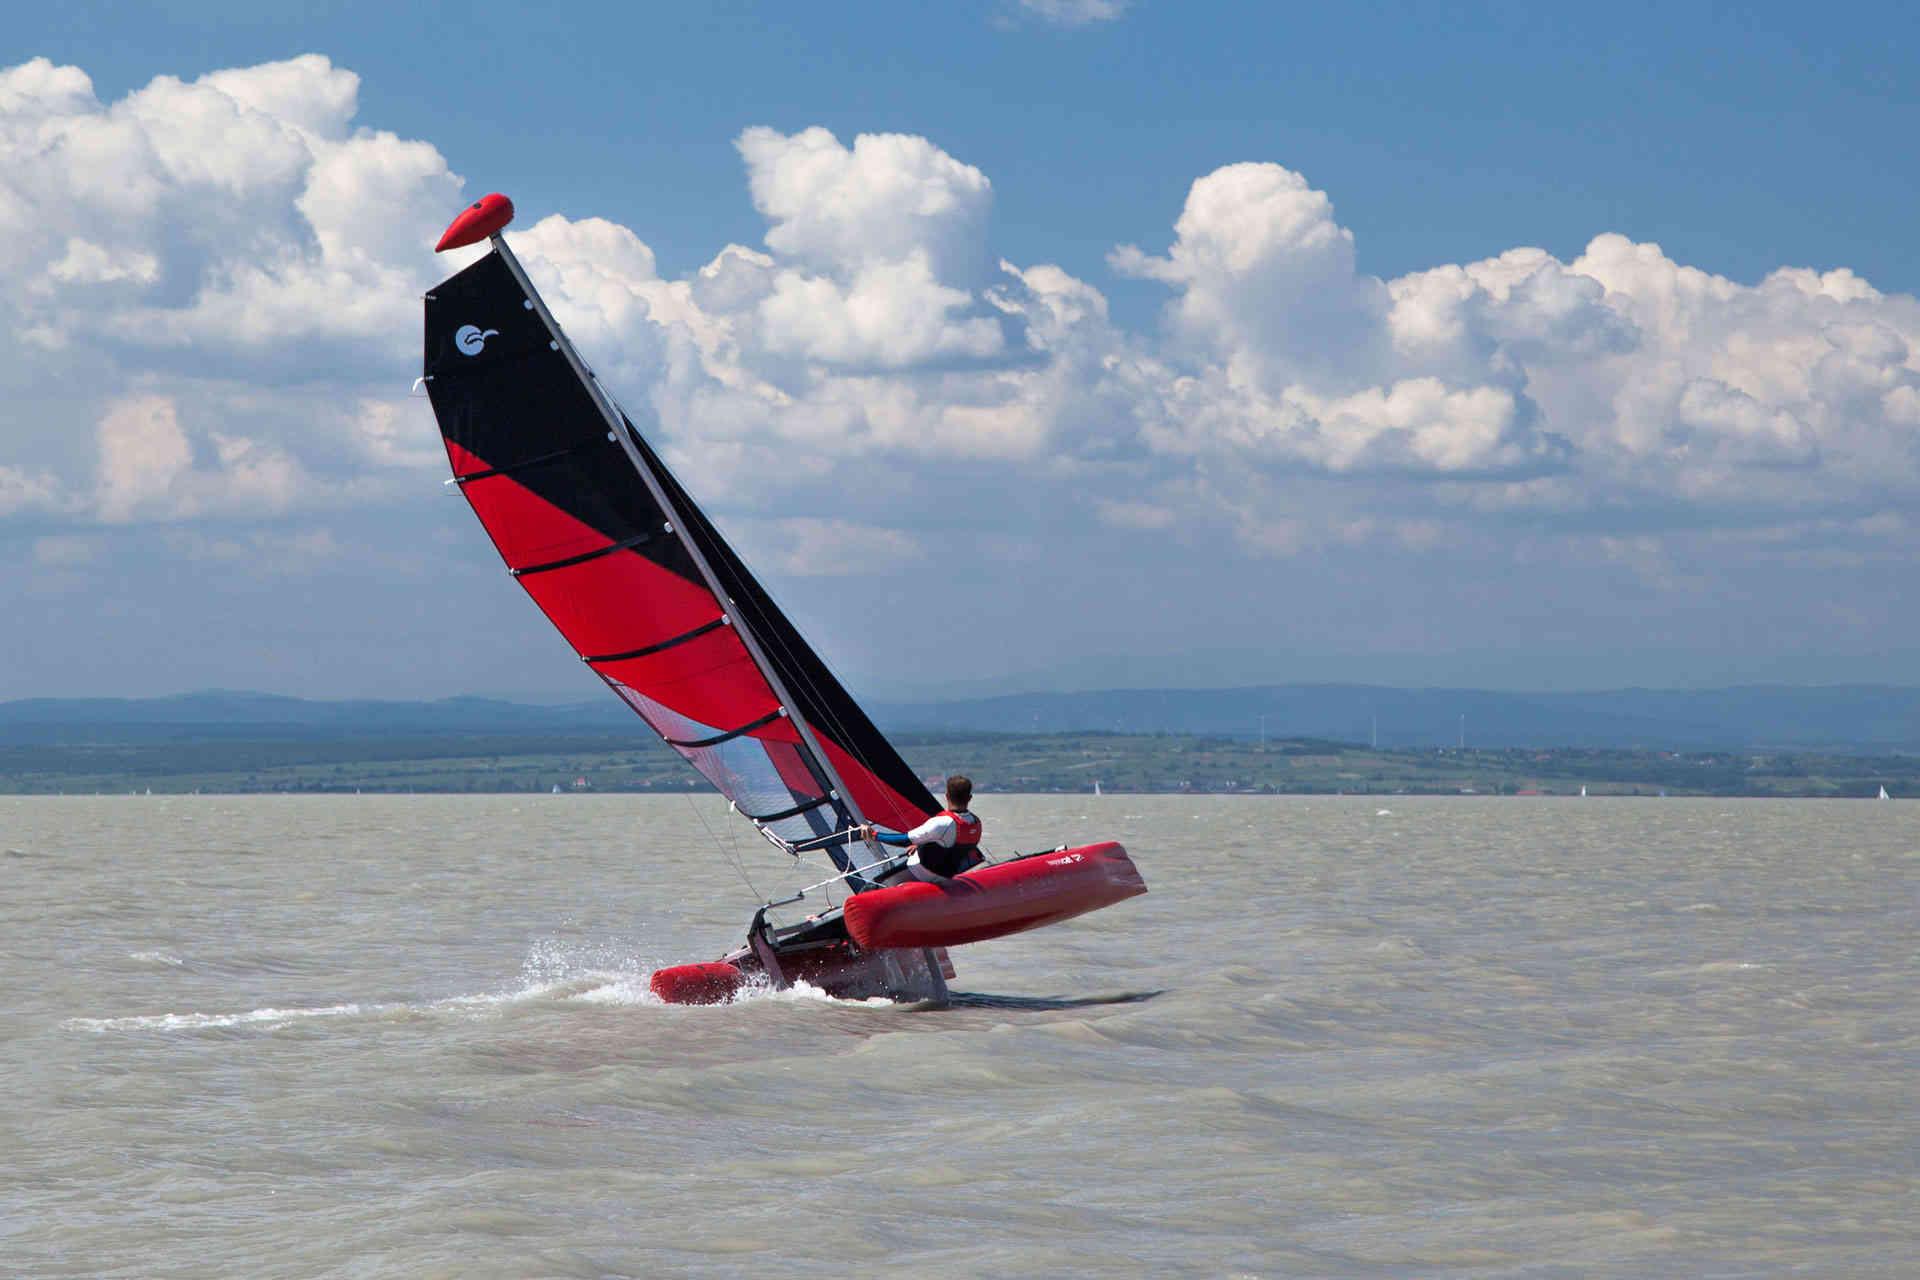 un catamaran gonflable Happycat sur une coque